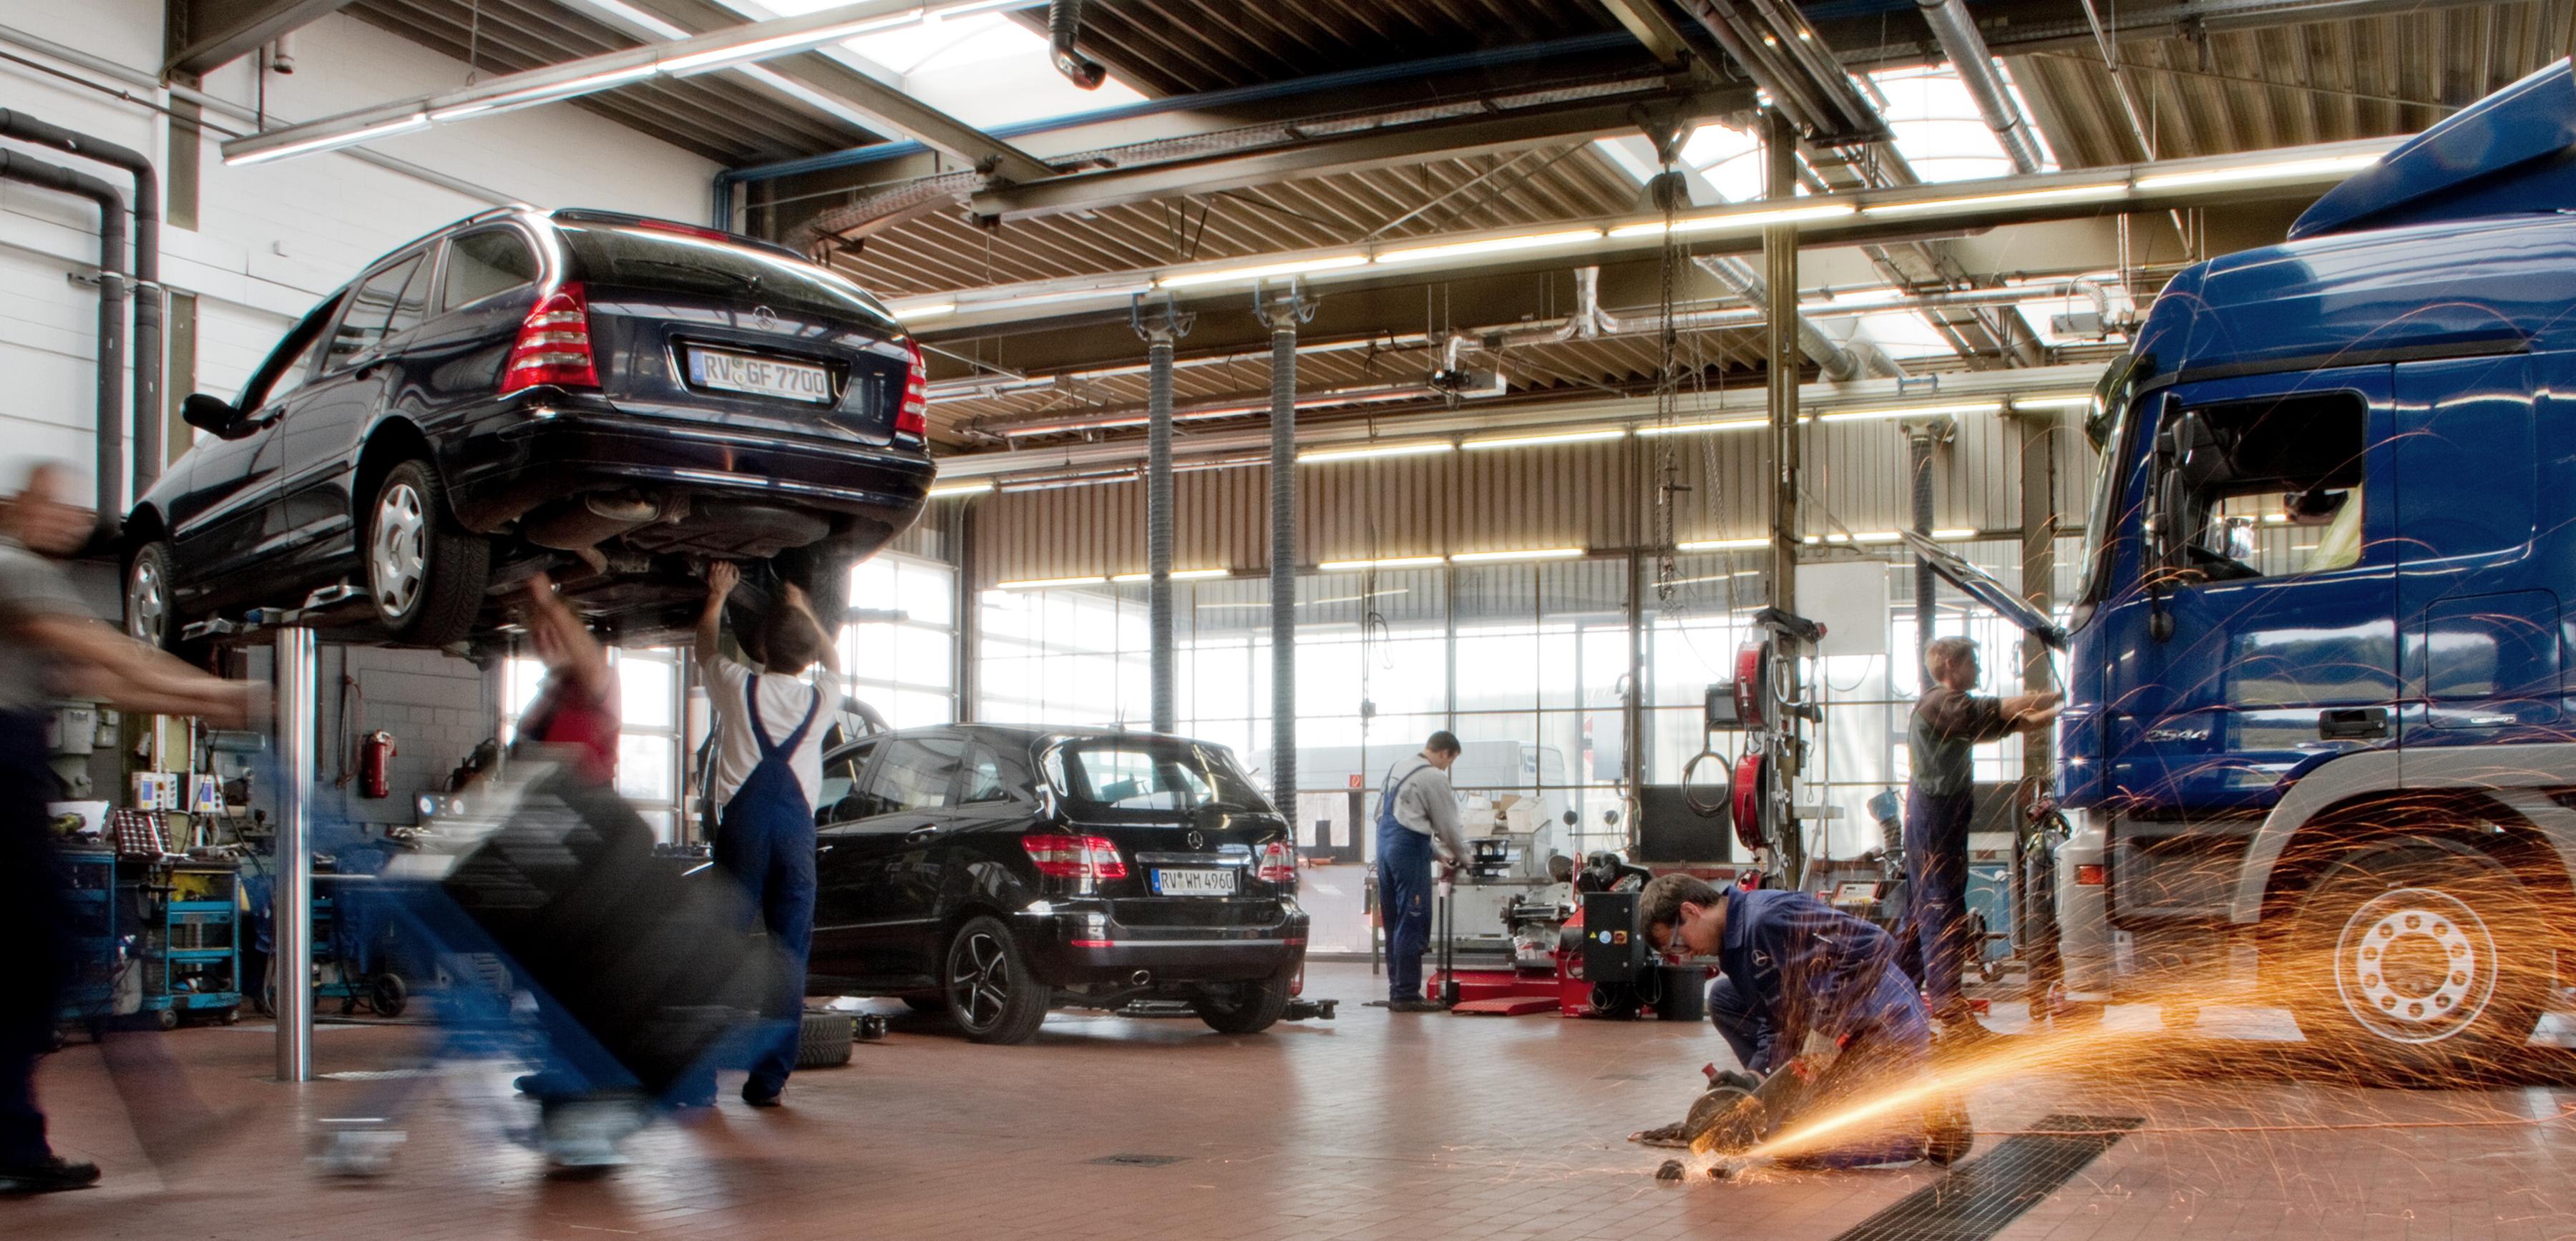 Autohaus Stehle Werkstatt